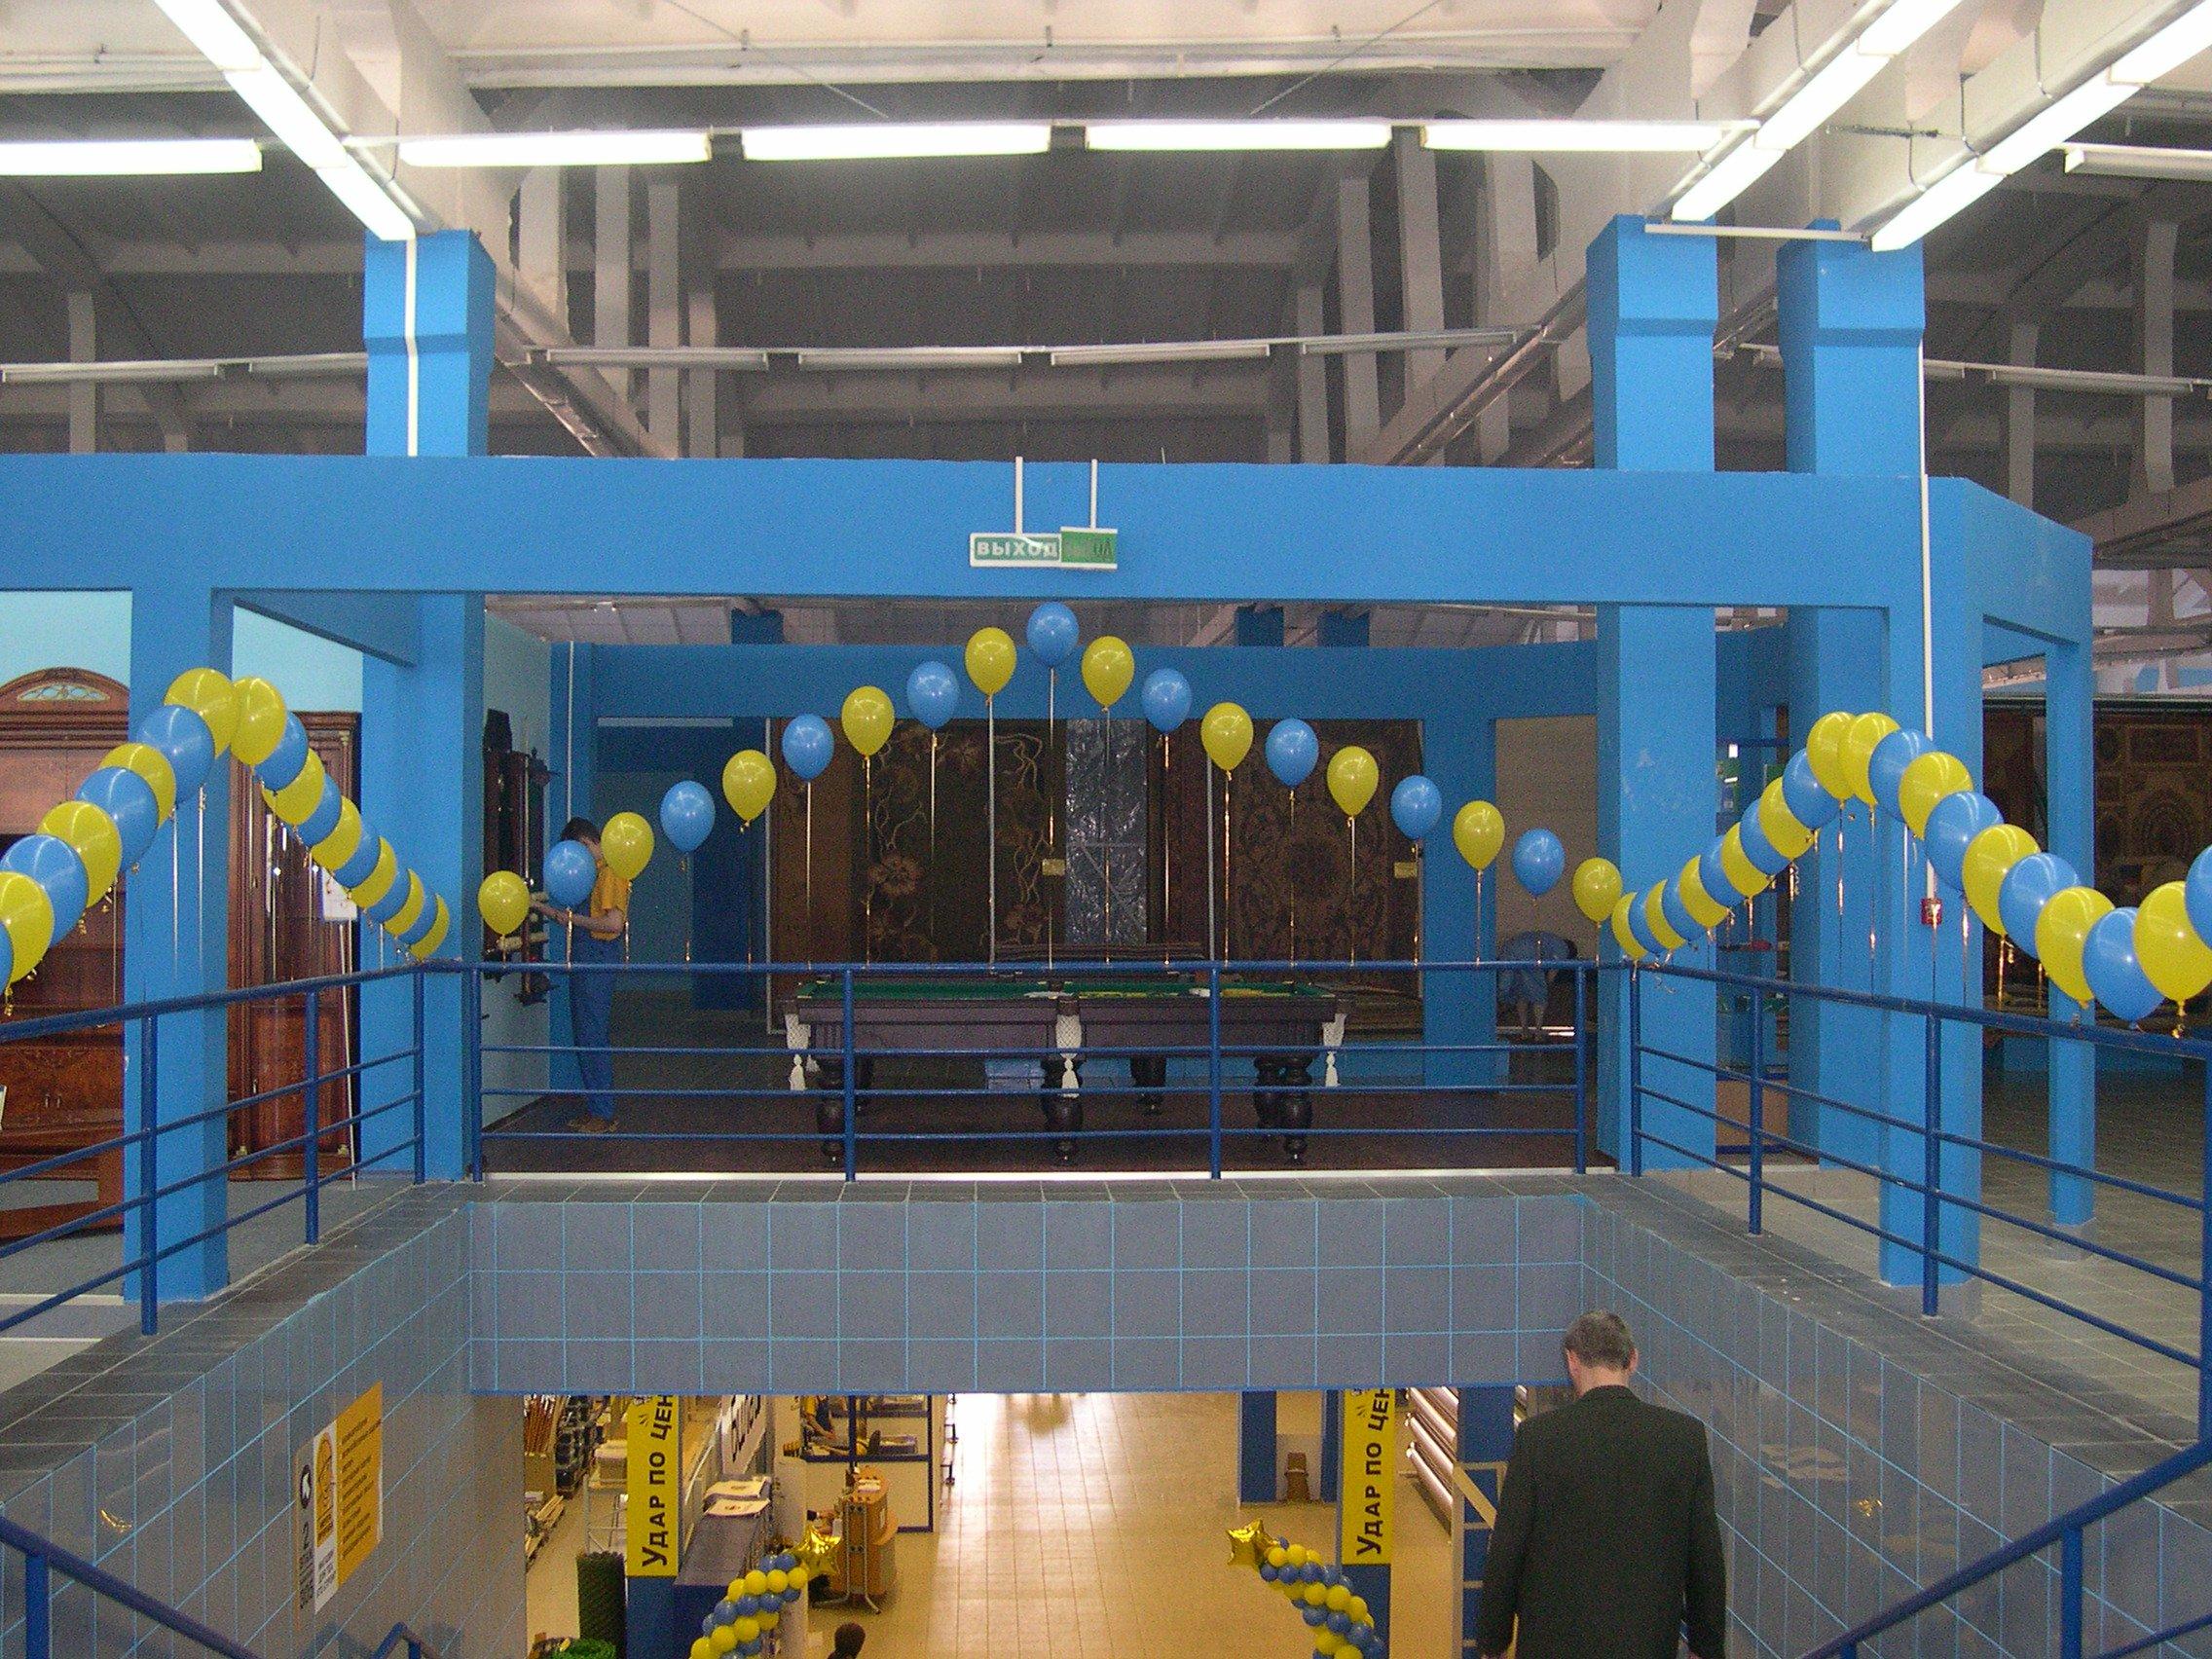 Офомрление открытия магазина воздушными шарами